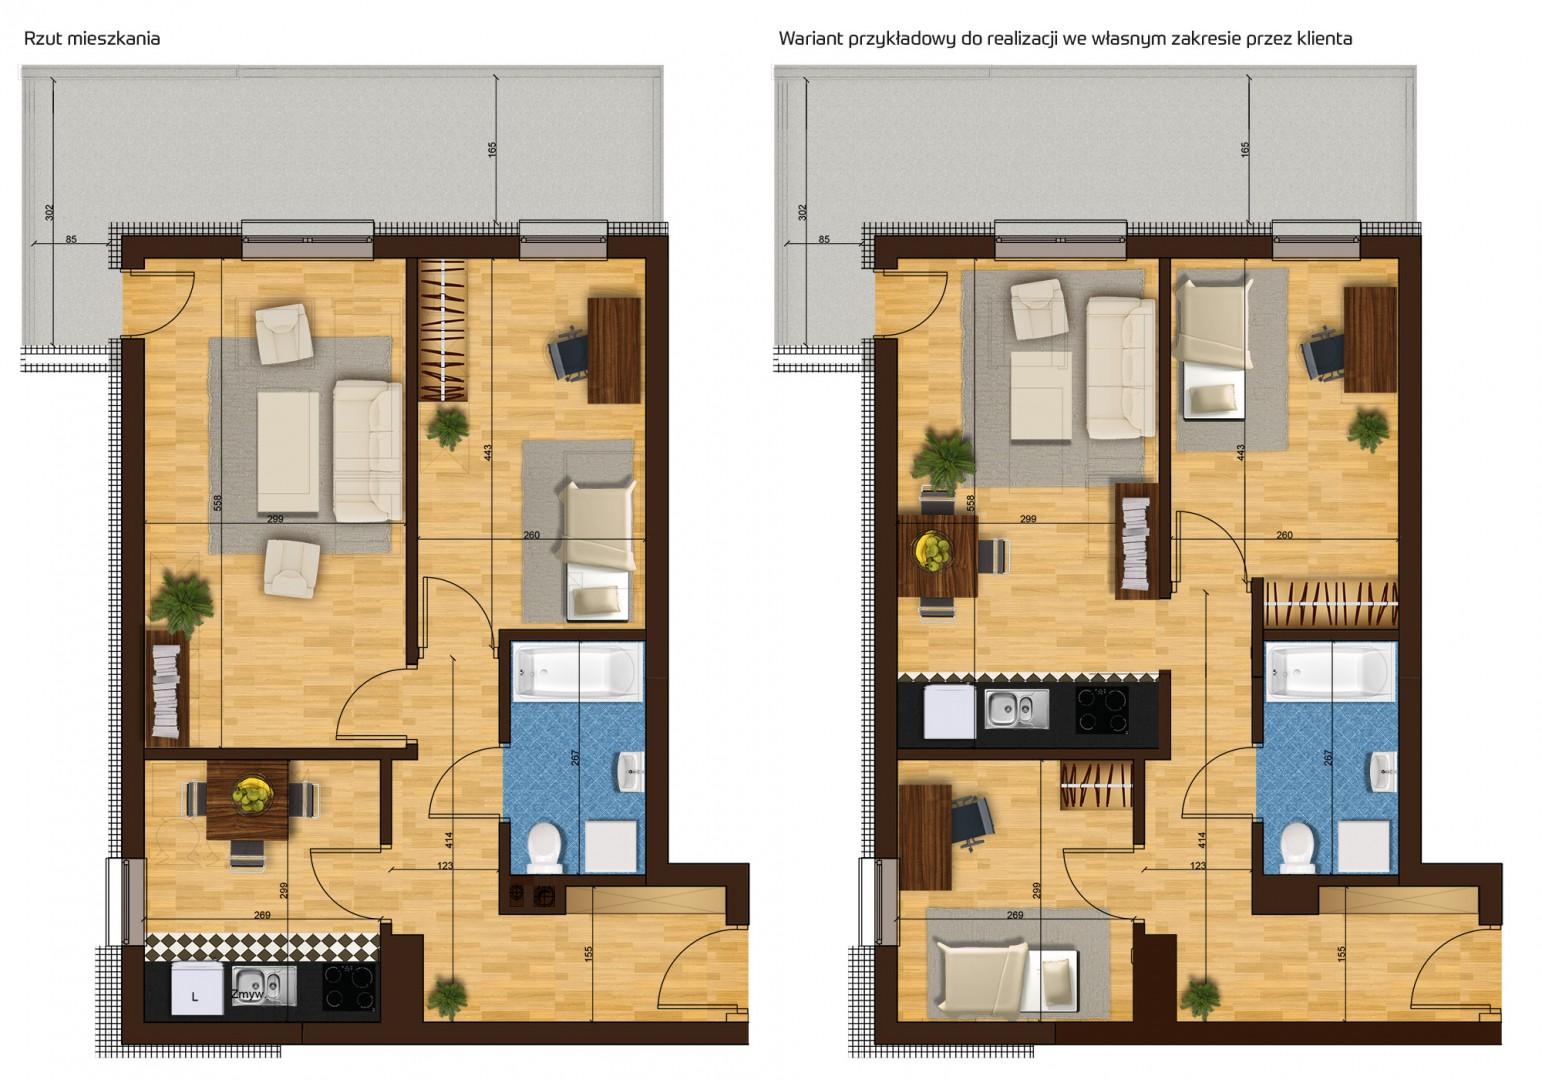 Mieszkanie dwupokojowe 33G/13 rzut 1